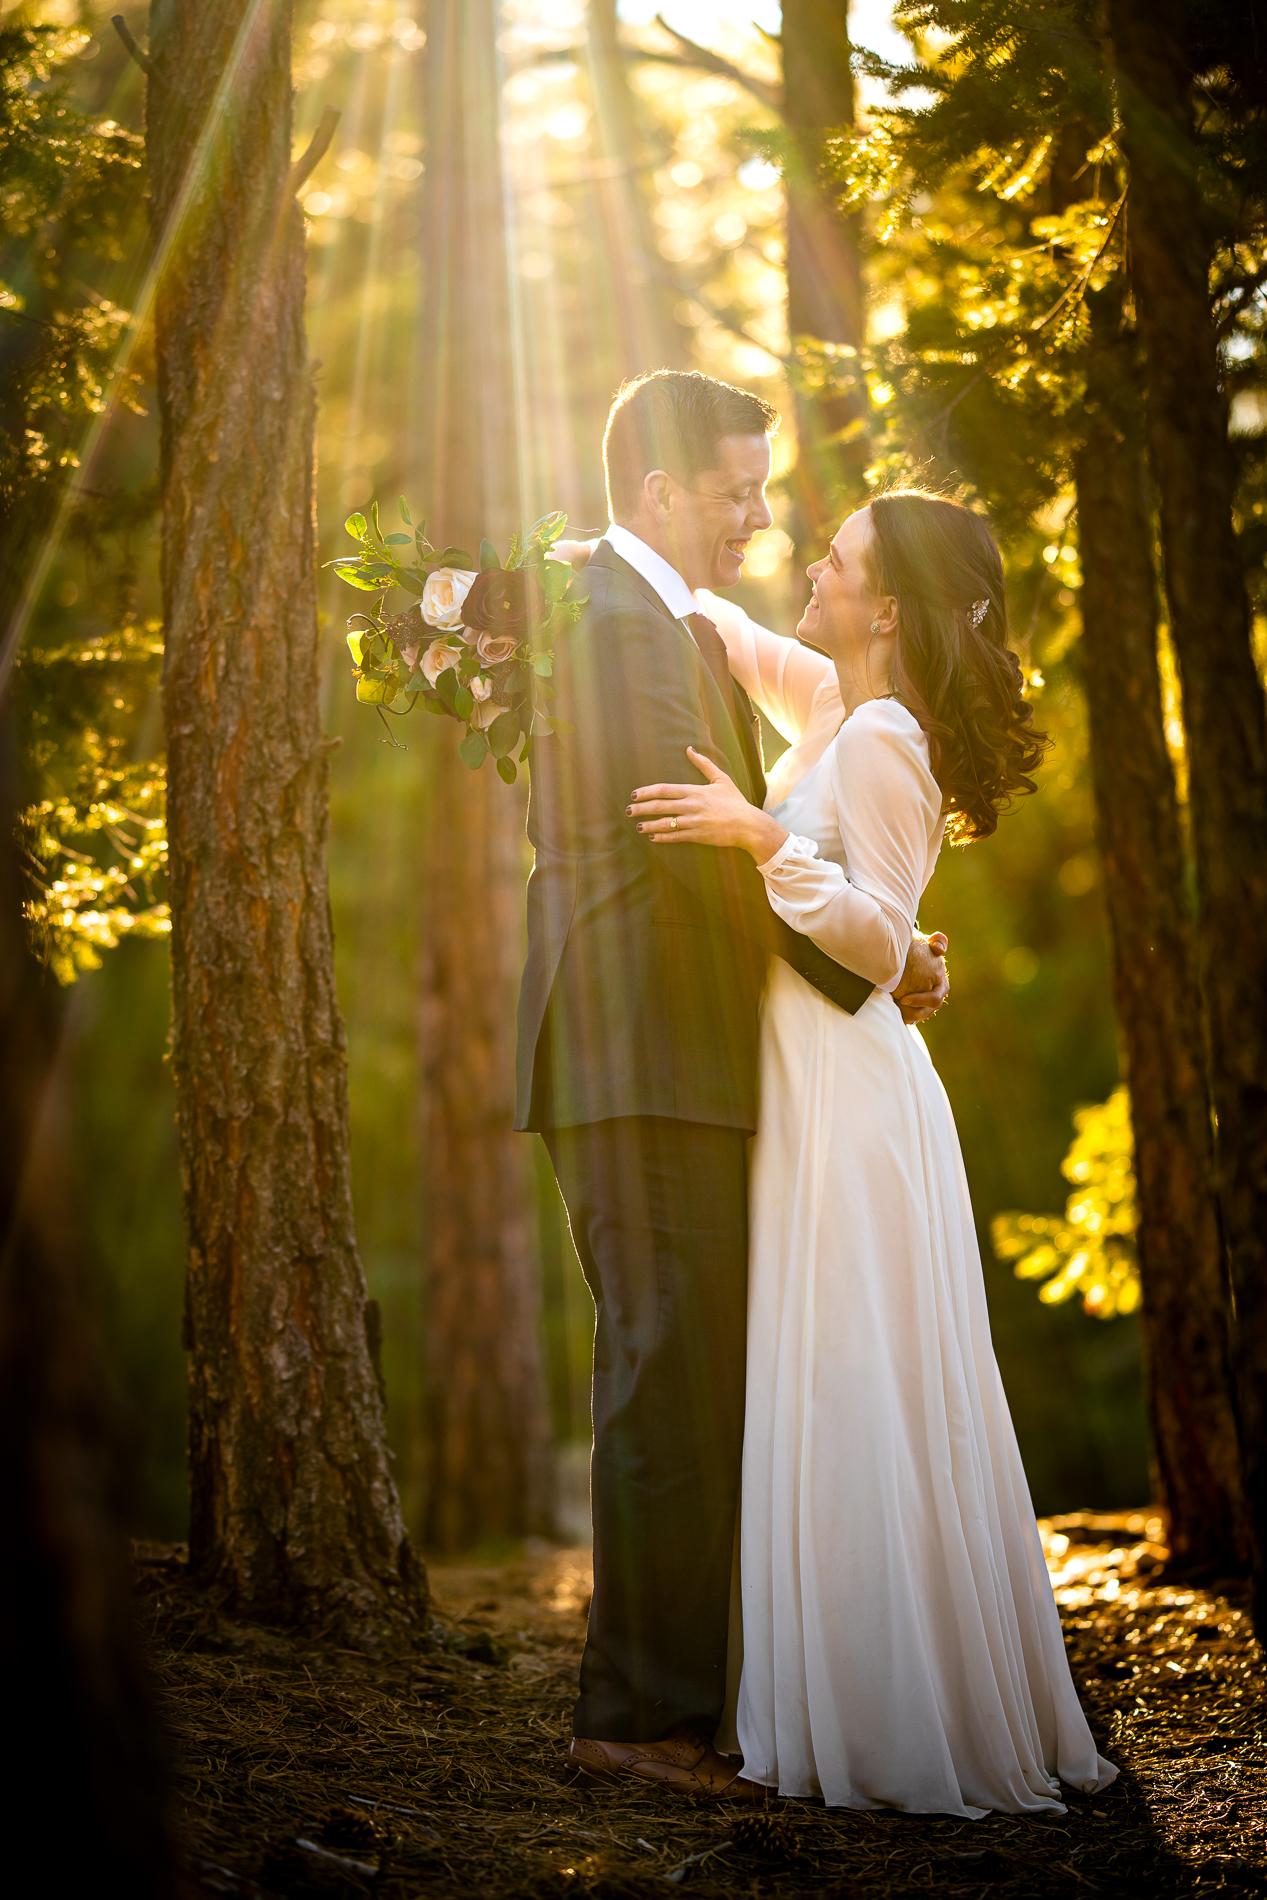 Photographie de mariage Colorado Elopement | La mariée et le marié posent pour un portrait dans les bois alors qu'une belle lumière dorée brille à travers les arbres